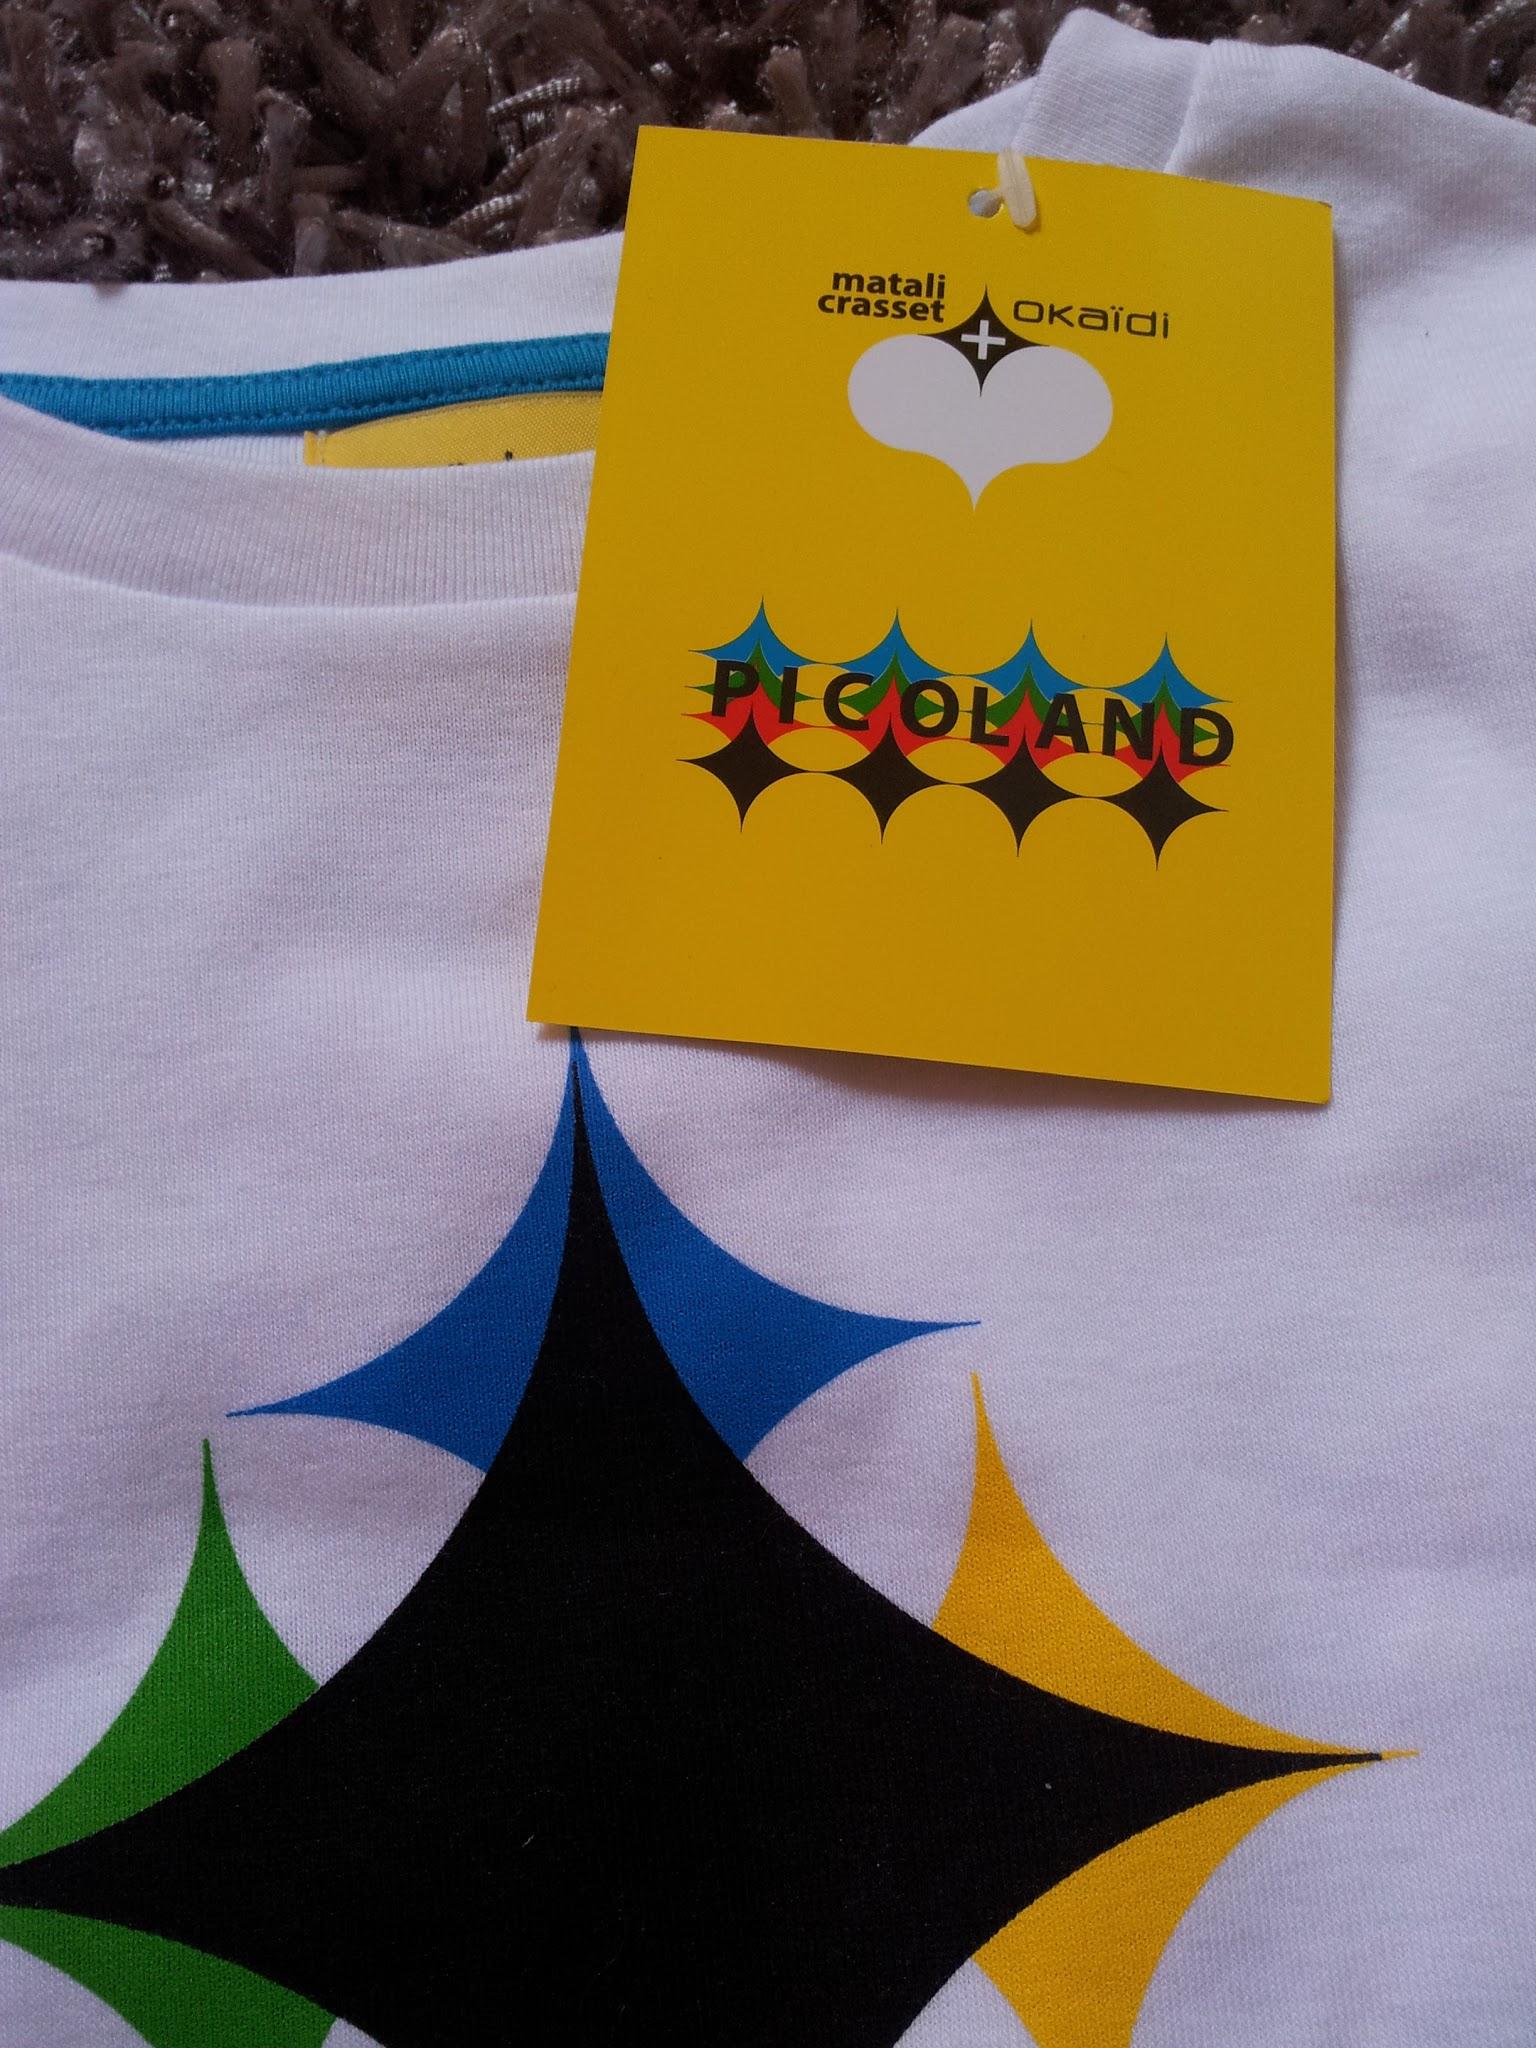 90b433ff30202 La marque de vêtements pour enfants Okaïdi s'est associée à Matali Crasset,  célèbre créatrice d'objets design, pour créer Picoland une collection en  édition ...